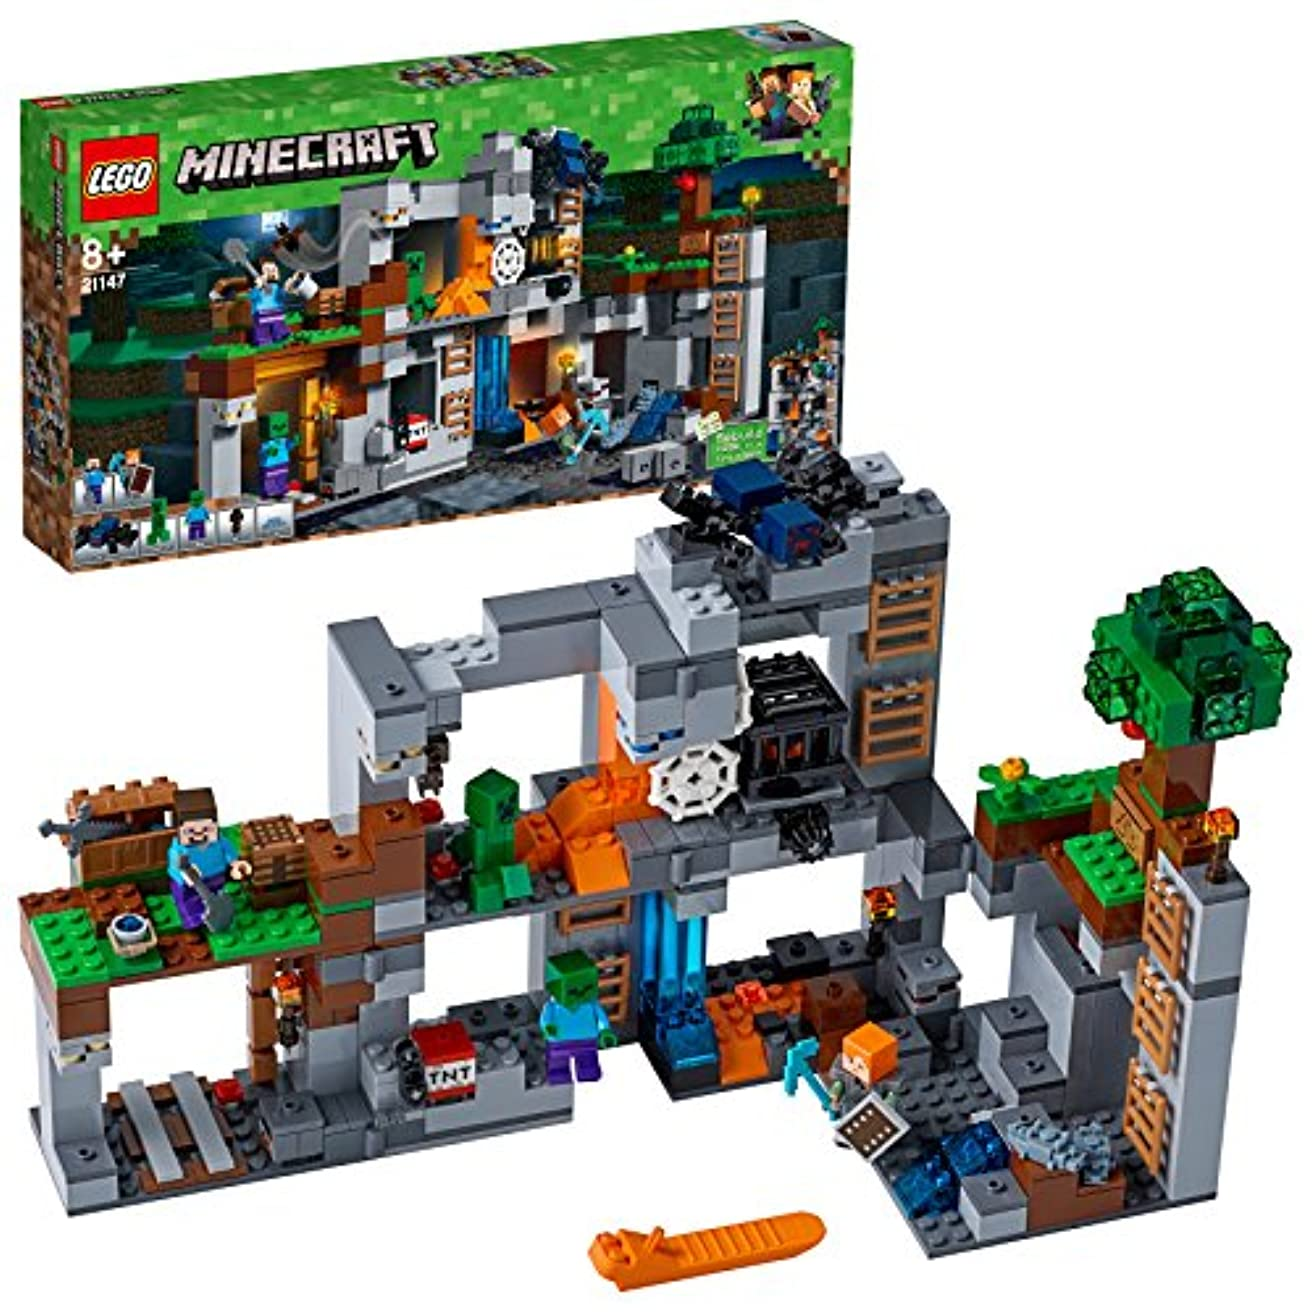 サロン探検神秘的なレゴ(LEGO)マインクラフト ベッドロックの冒険 21147 ブロック おもちゃ 男の子